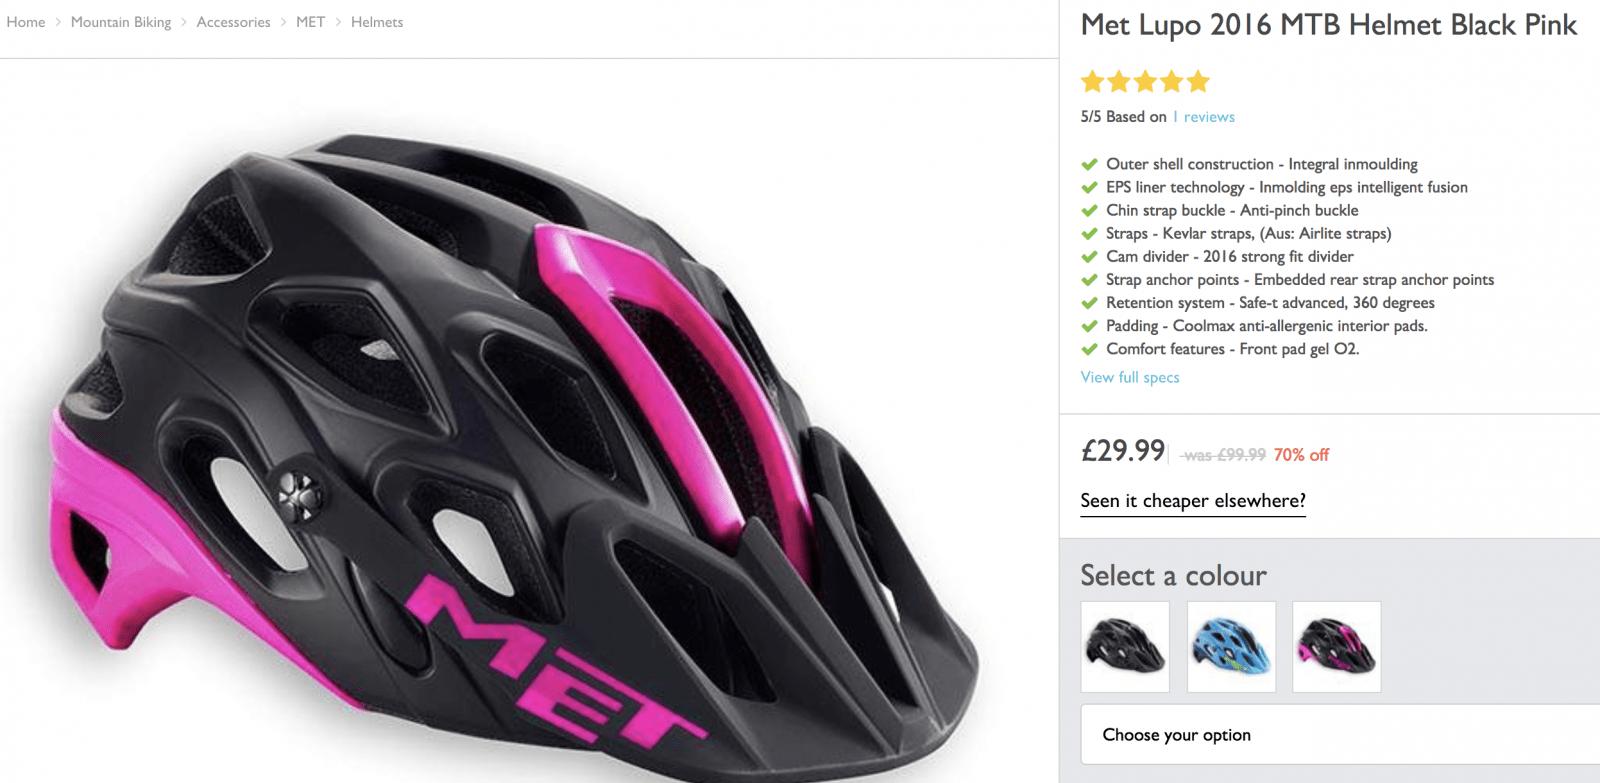 Met Lupo 2016 MTB Helmet Black Pink - £29.99